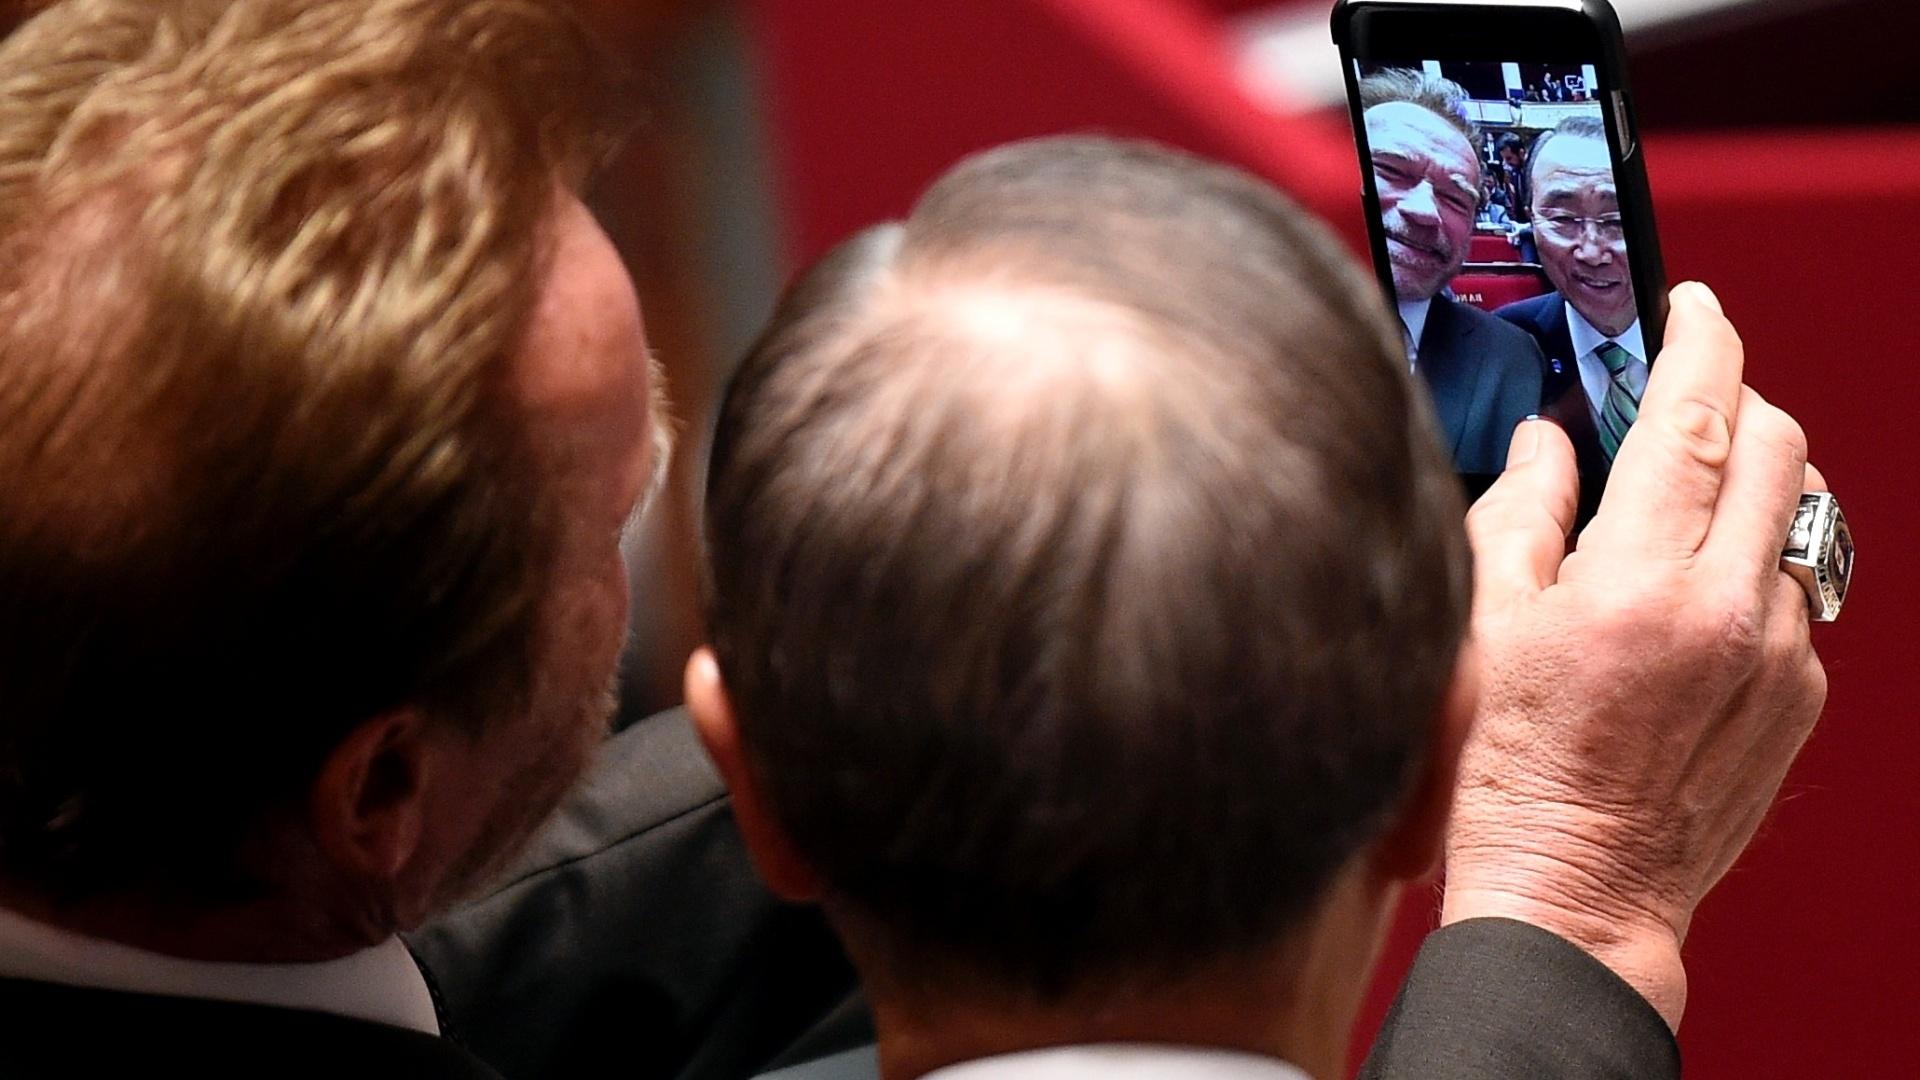 5.dez.2015 - Ator e ex-governador da Califórnia (EUA), Arnold Schwarzenegger, faz uma selfie com o secretário-geral da ONU, Ban Ki-moon, em conferência na COP-21, em Paris